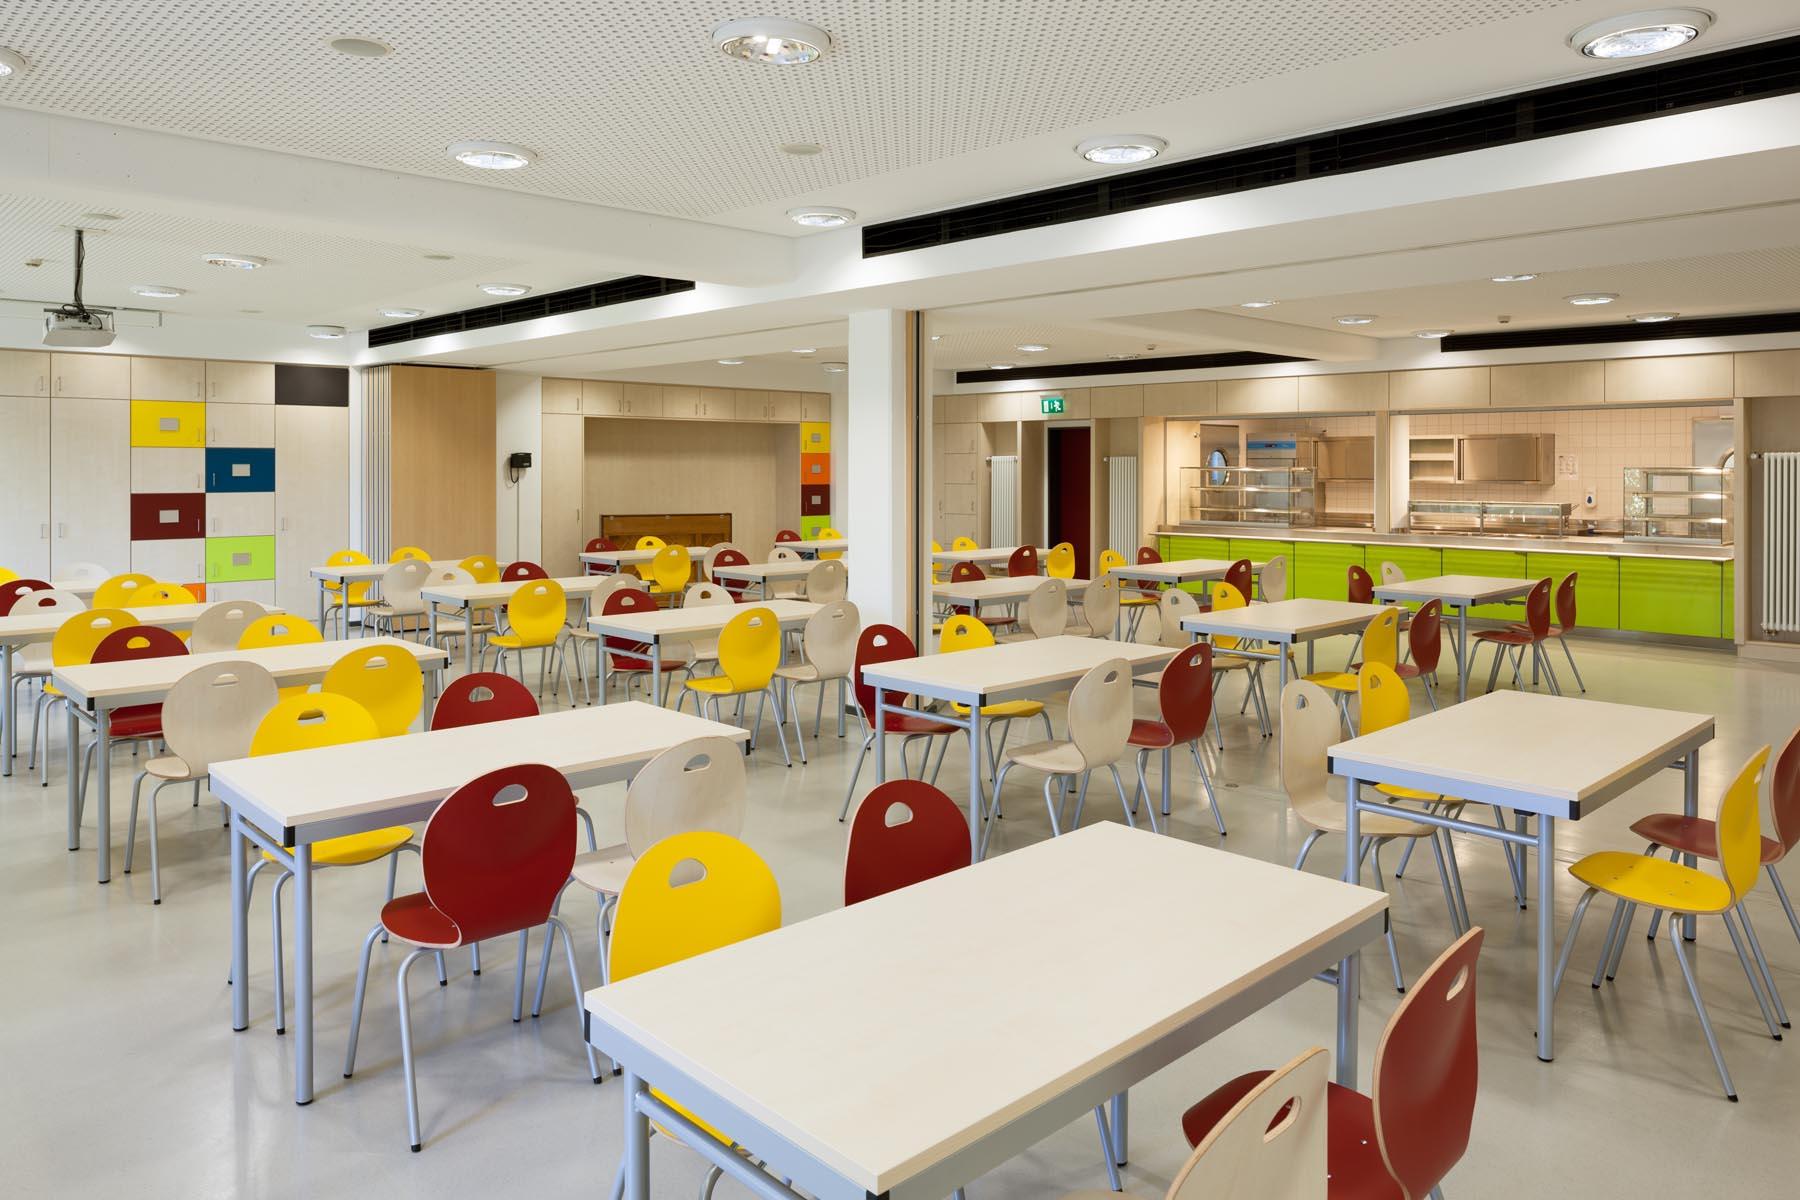 Mosaikschule Frankfurt Nordweststadt